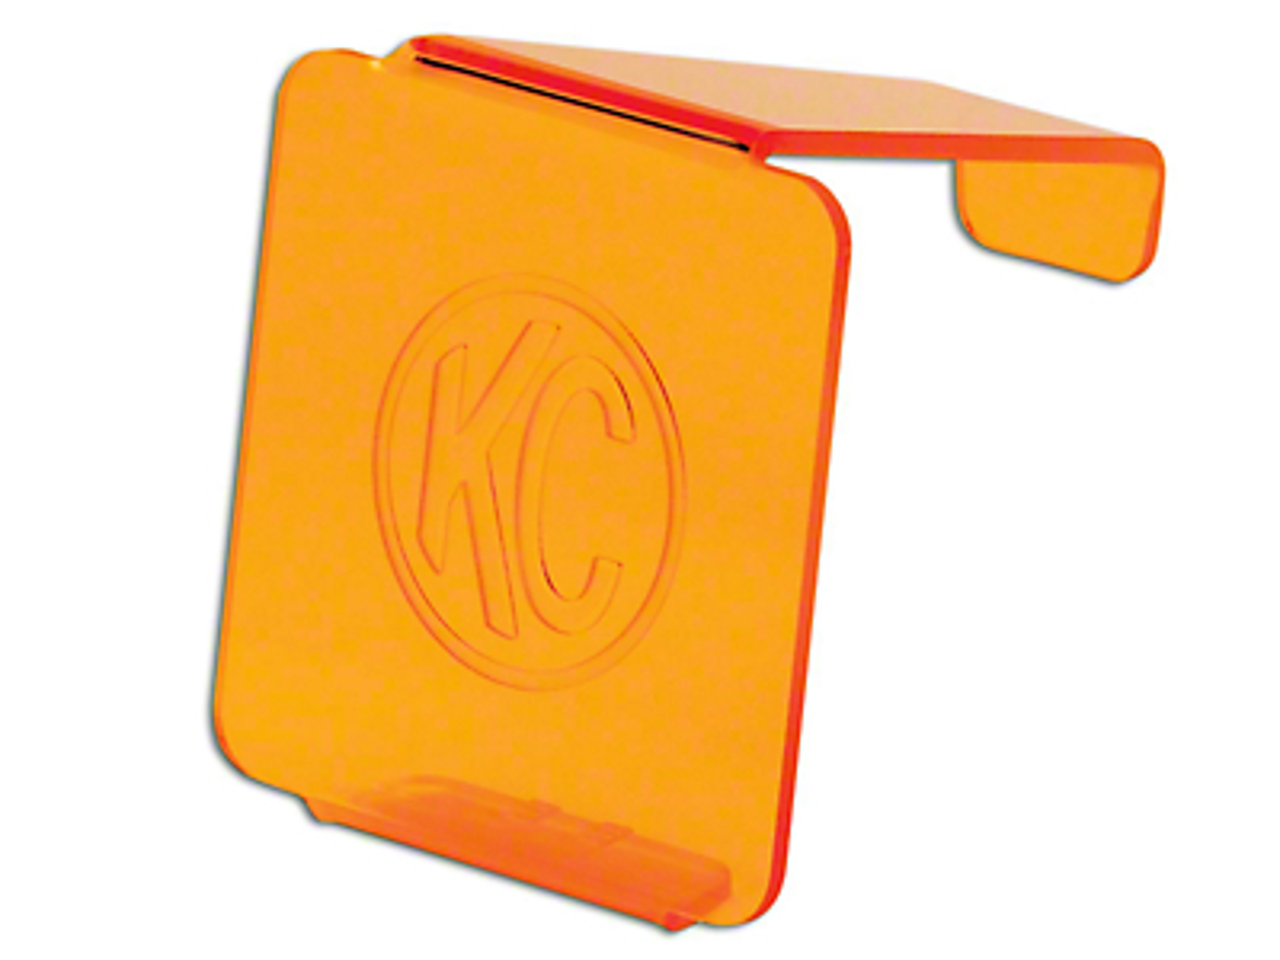 KC HiLiTES Hard Cover for 3 in. LZR Cube Light - Orange (07-18 Sierra 1500)